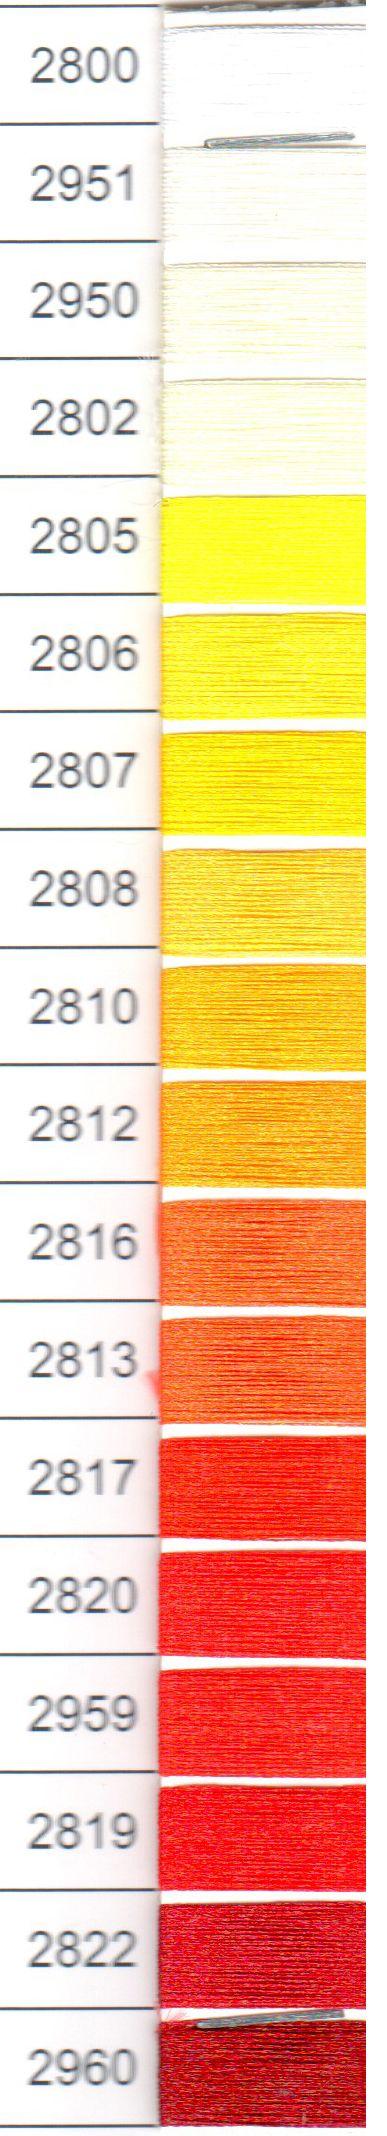 Нитки для машинной вышивки - оптом: бисер мулине наборы для вышивания нитки пряжа ВДВ: Товары для рукоделия